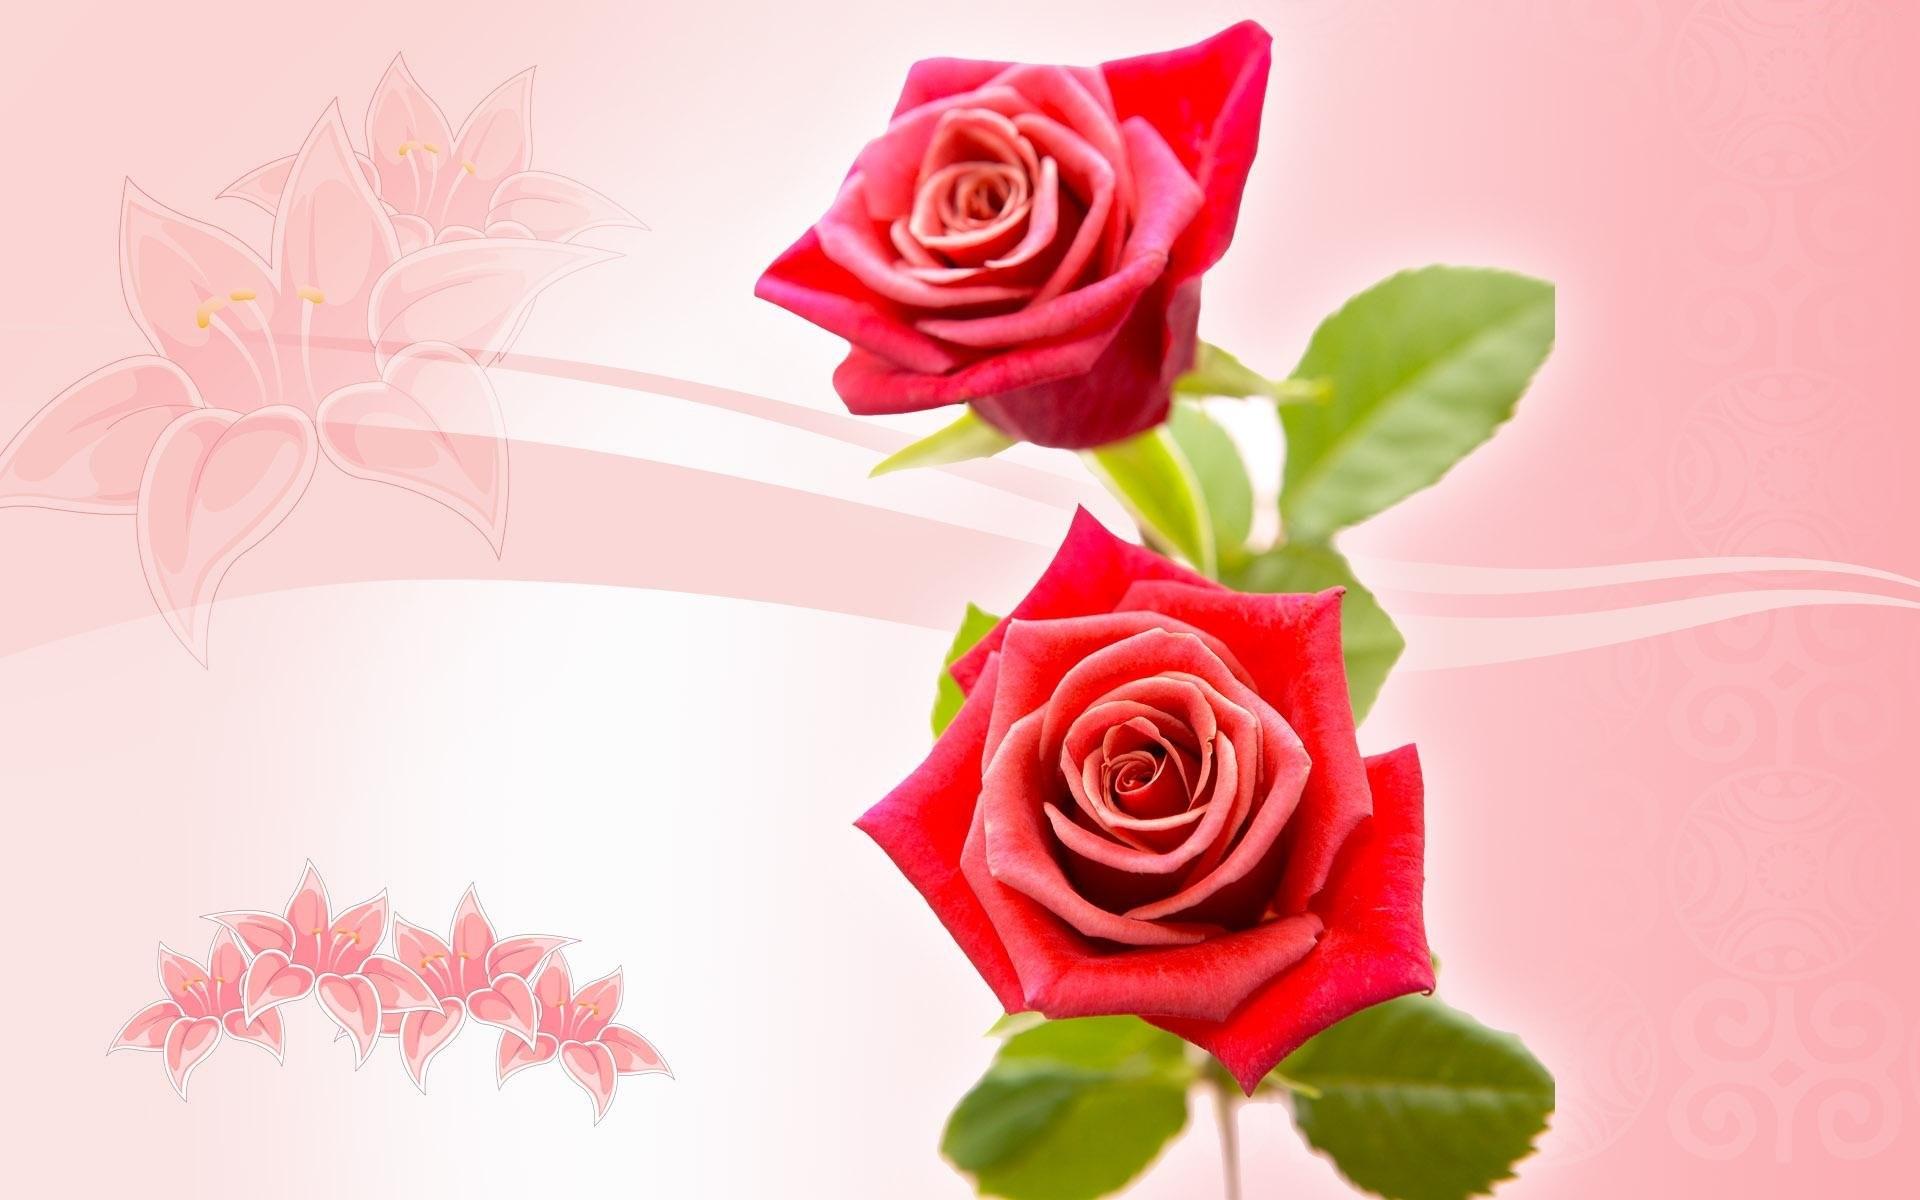 بالصور صور ورد خلفيات , اجمل اشكال وانواع الورود 3582 6